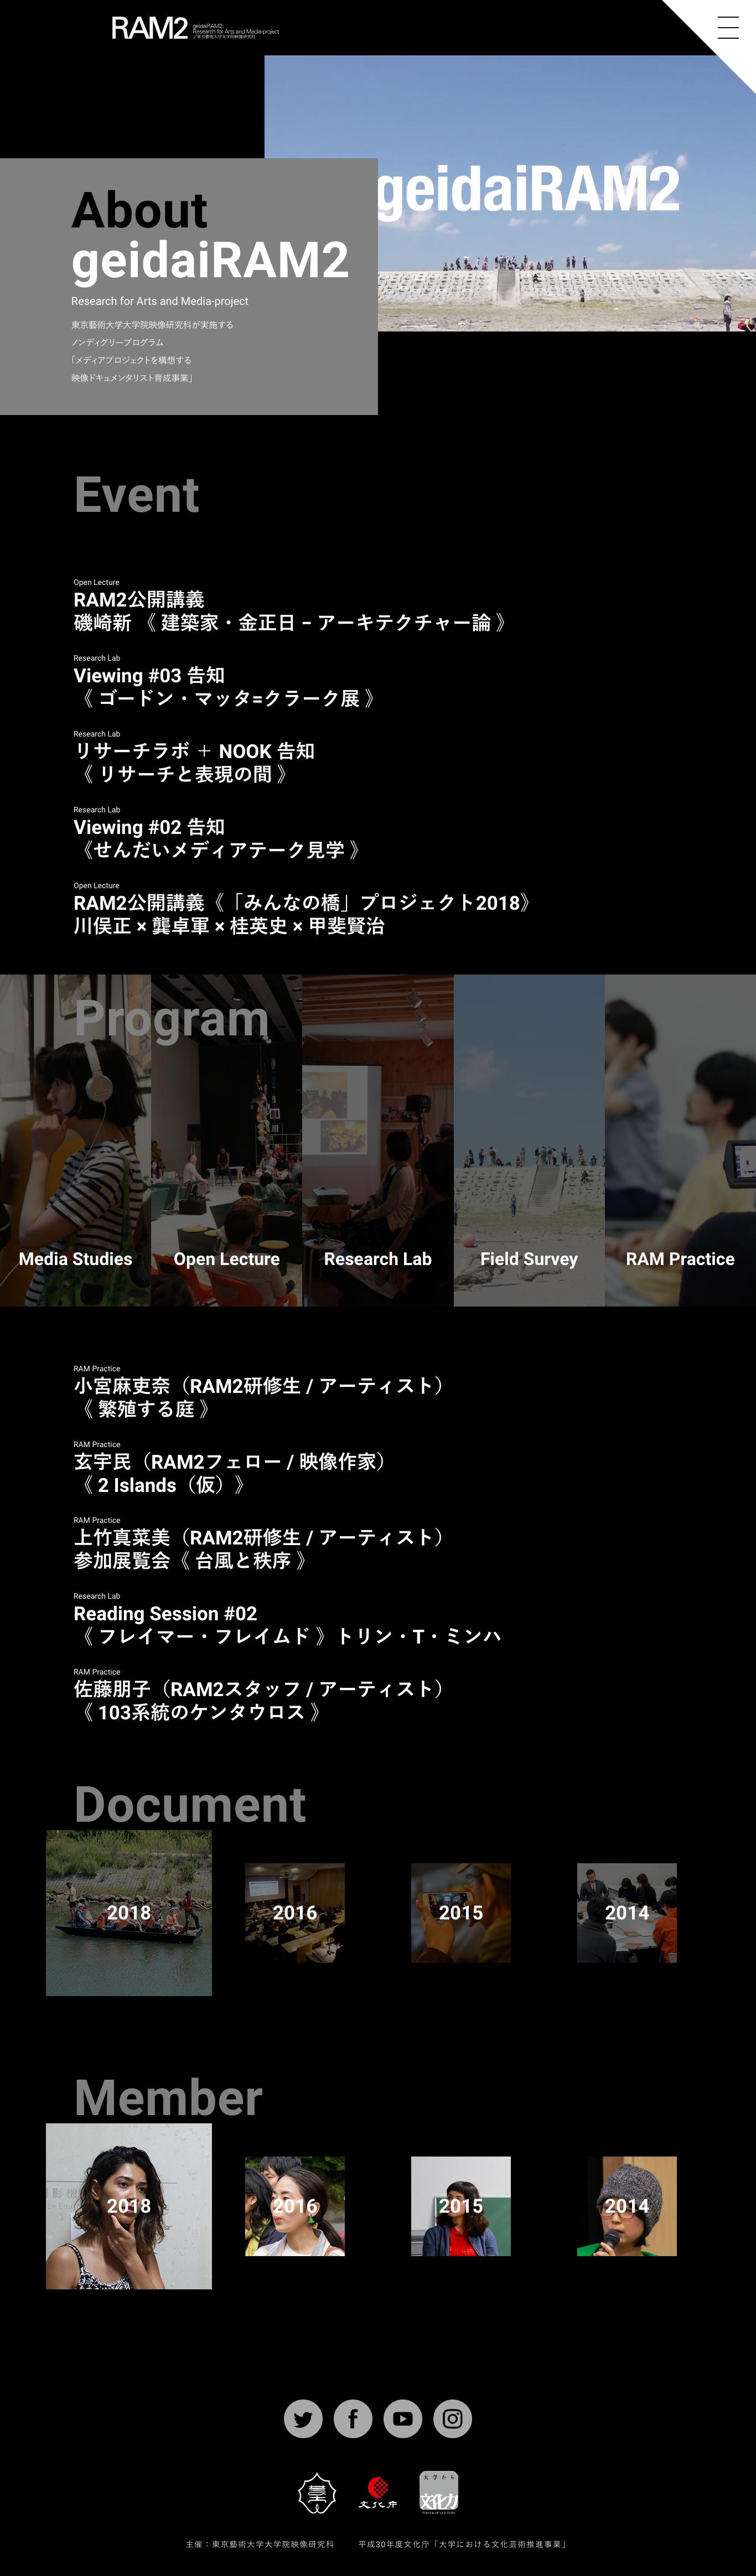 geidaiRAM2 ウェブサイトリニューアル